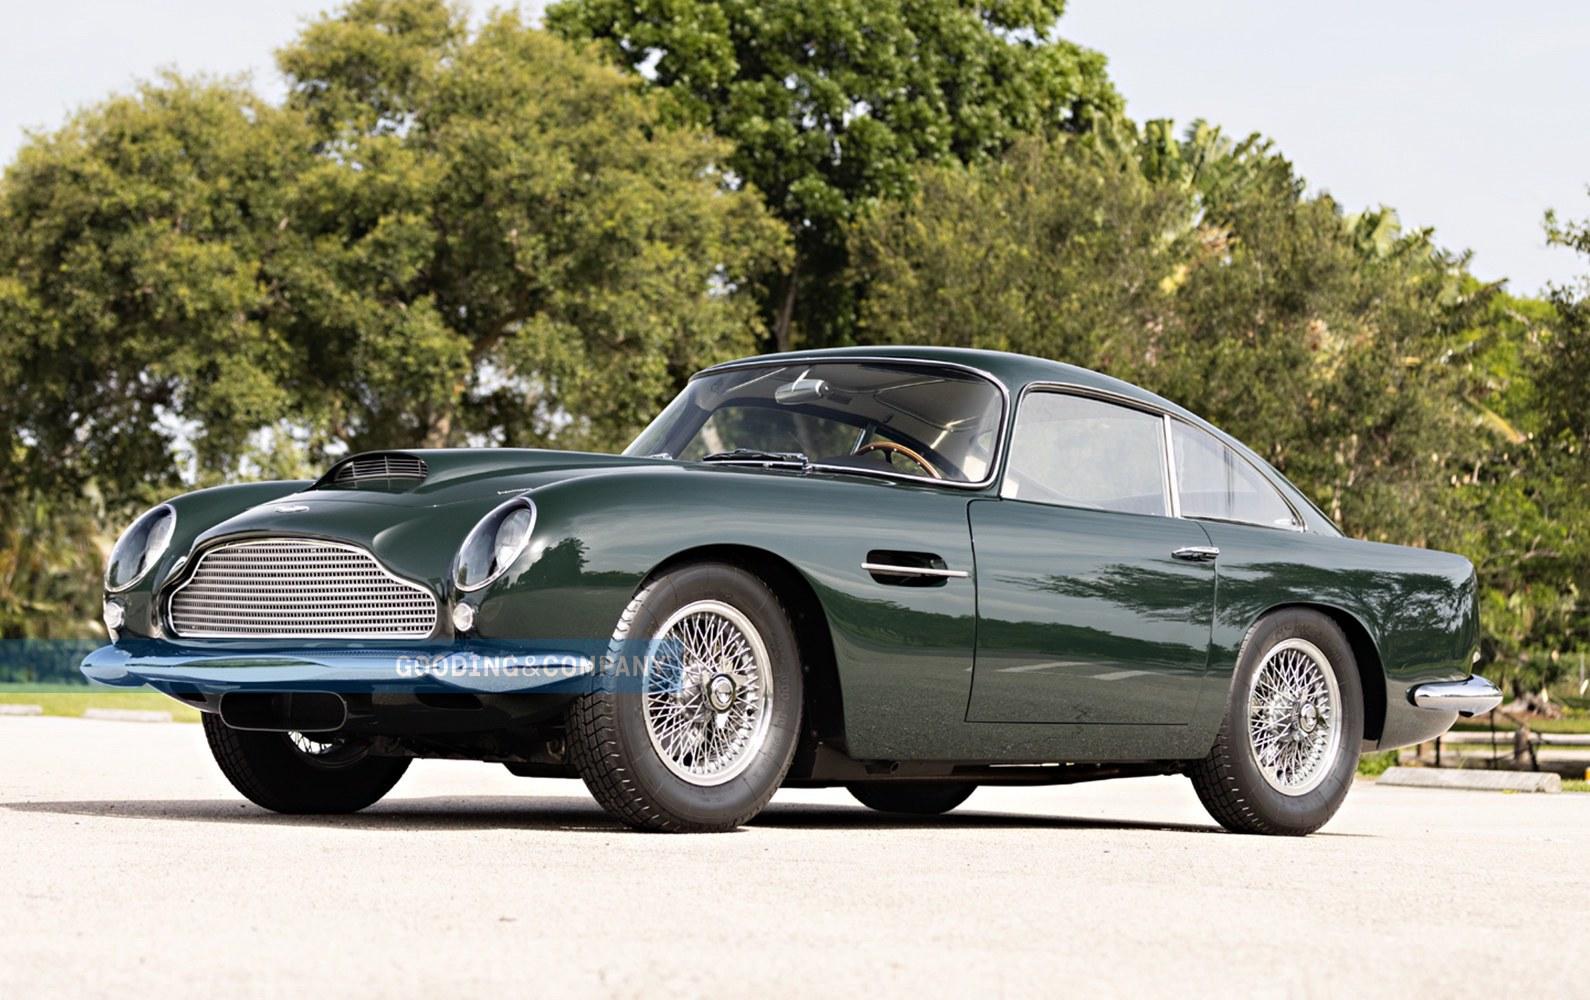 Aston_Martin_DB4_GT_sale-0000